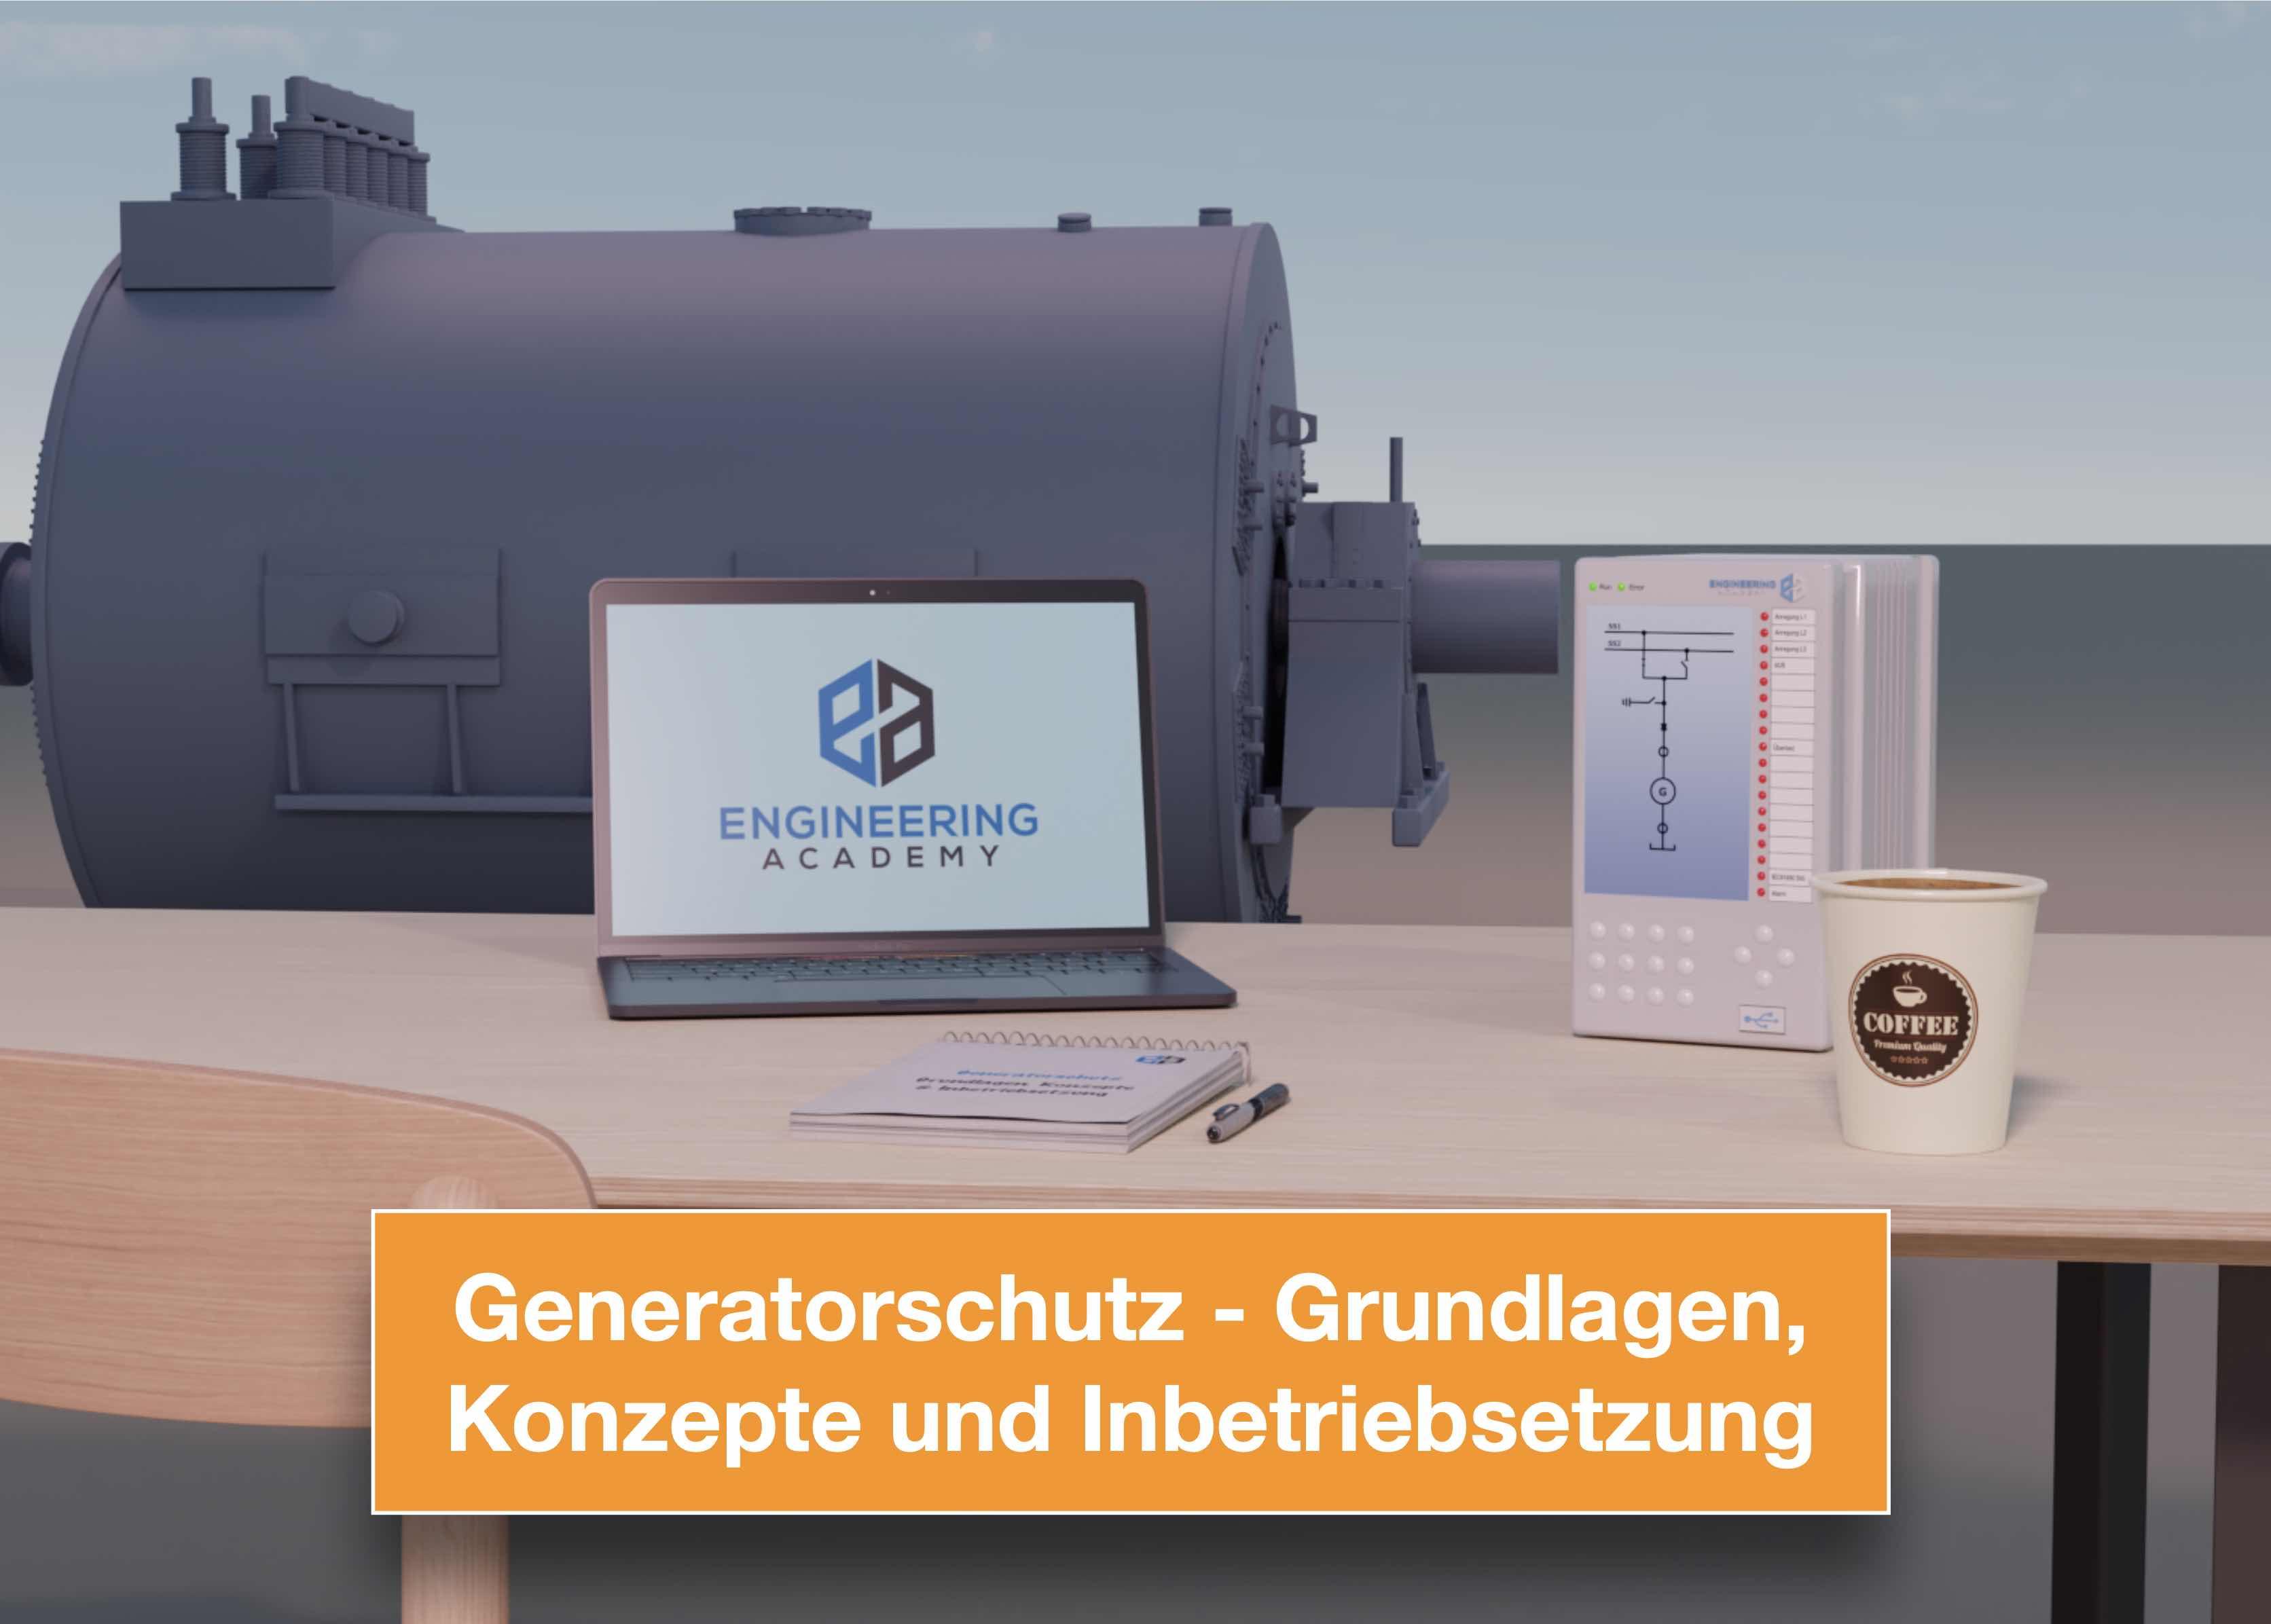 Engineering Academy, Generatorschutz